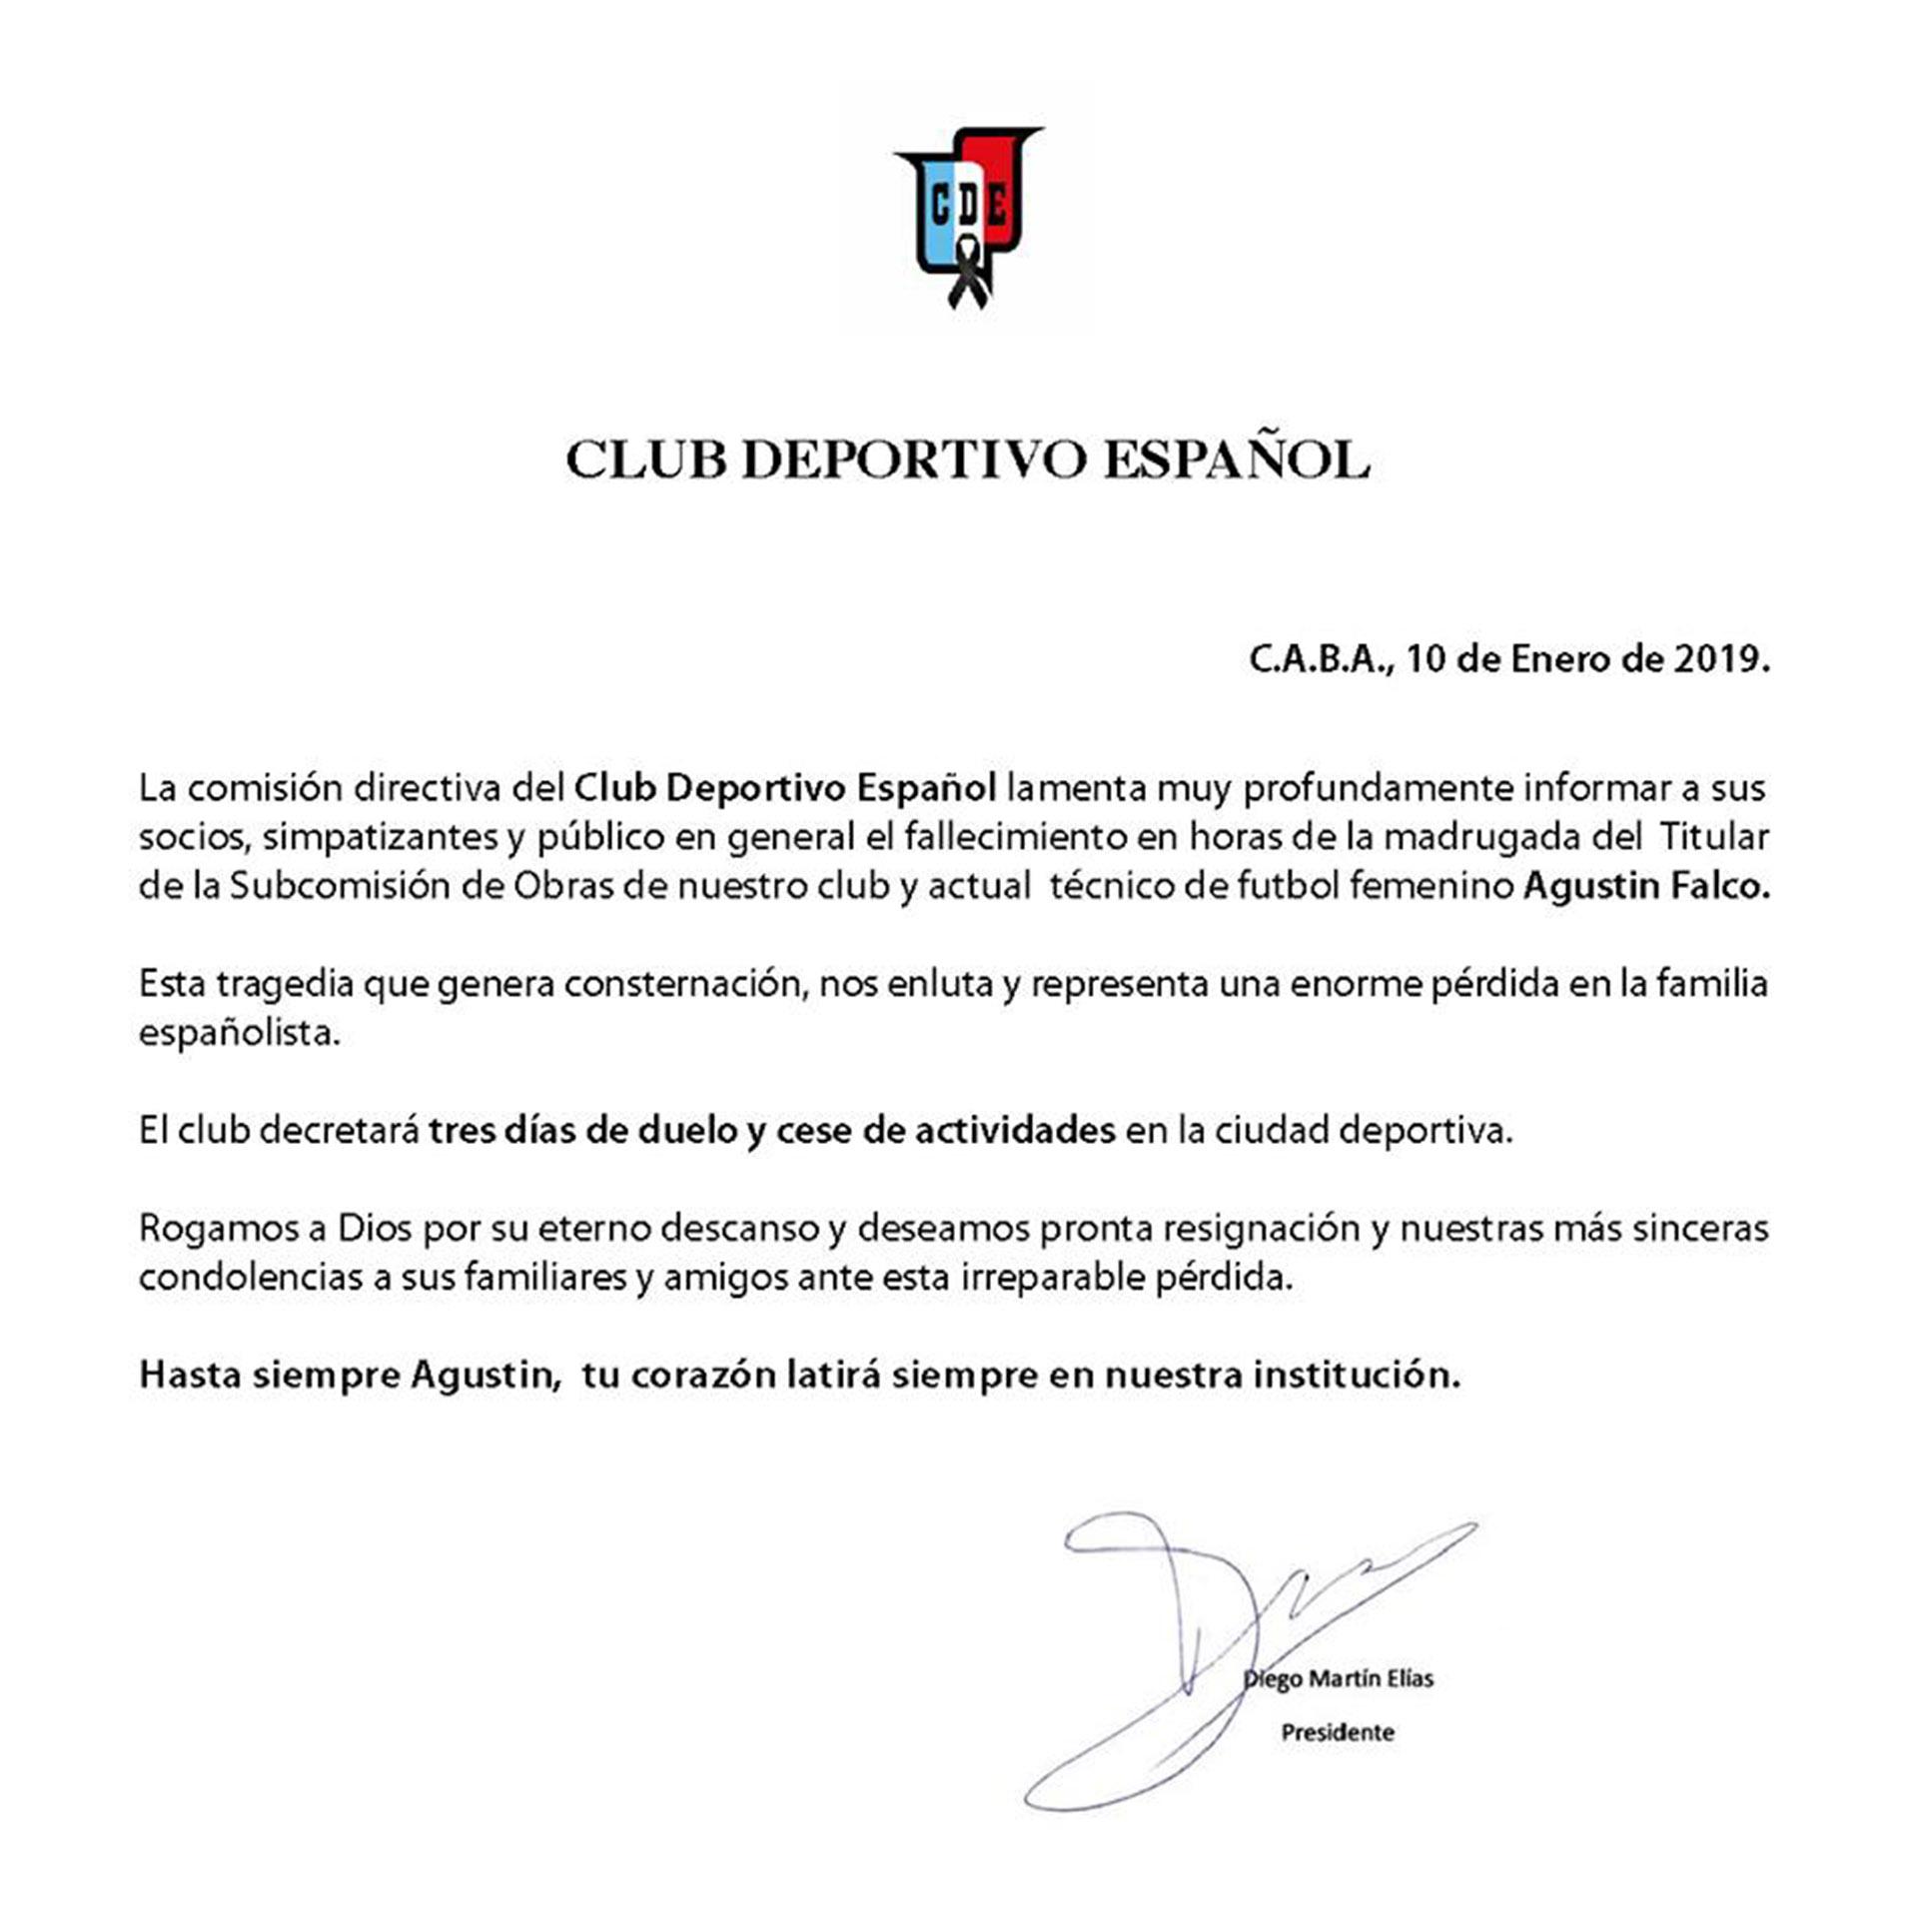 El comunicado que emitió Deportivo Español